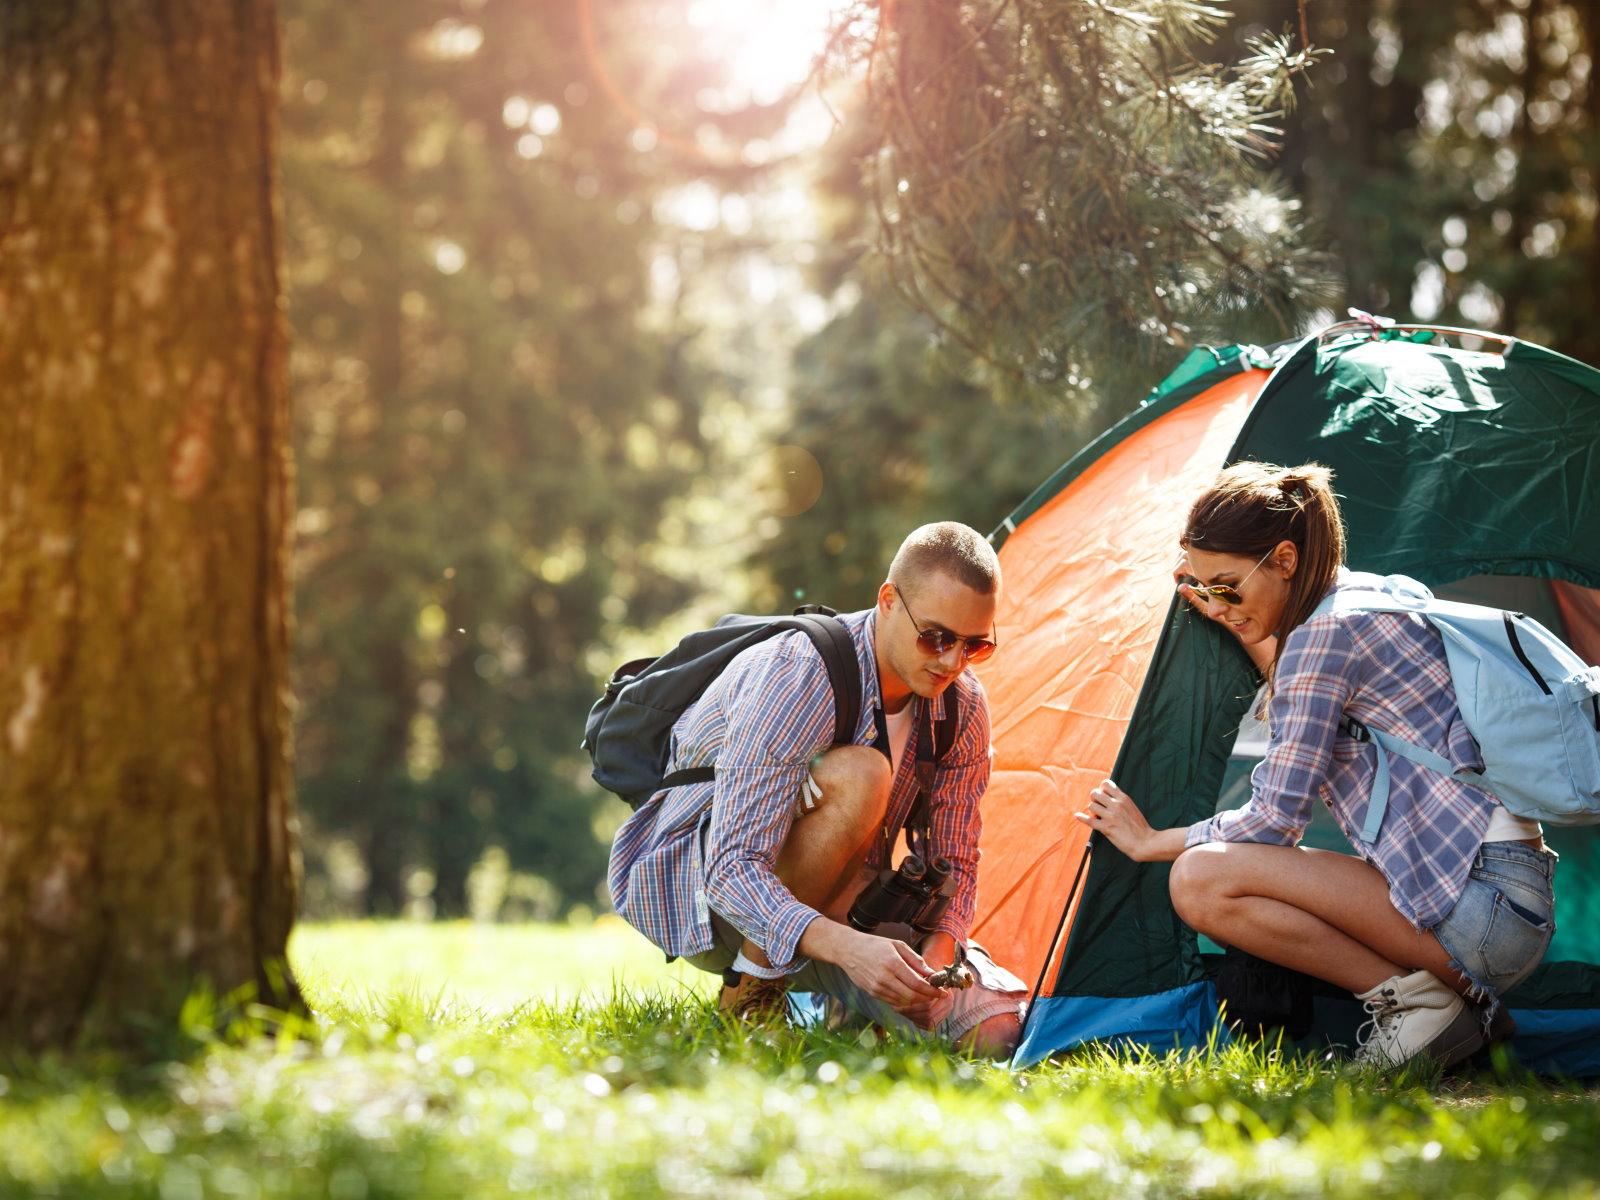 Ein Paar baut ein Kuppelzelt im Wald auf